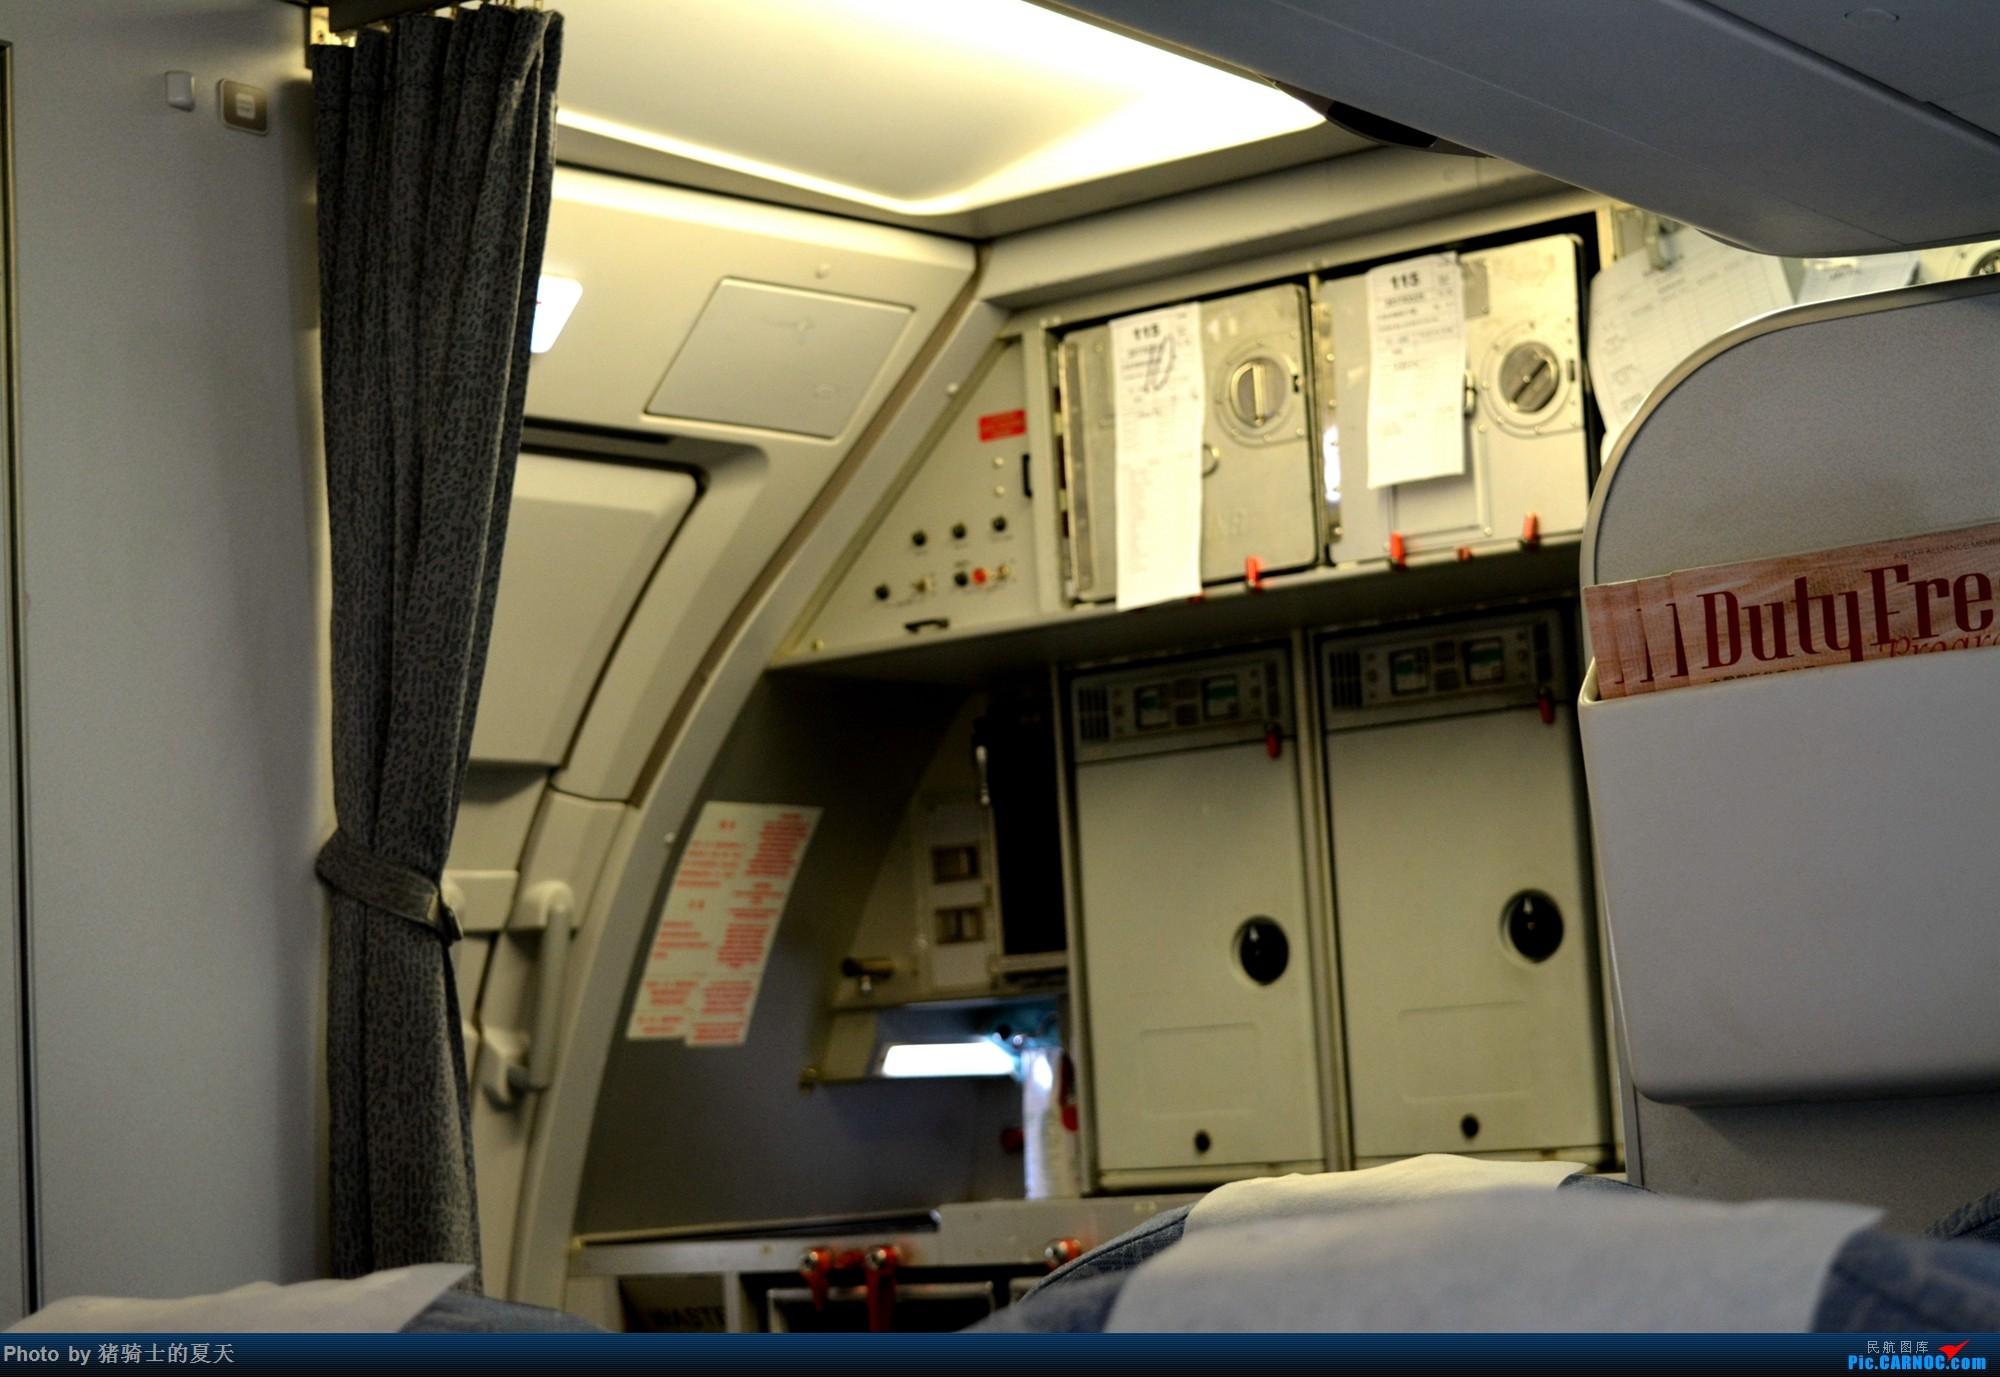 Re:[原创]2017年鸡鸭图 AIRBUS A321-200 B-6605